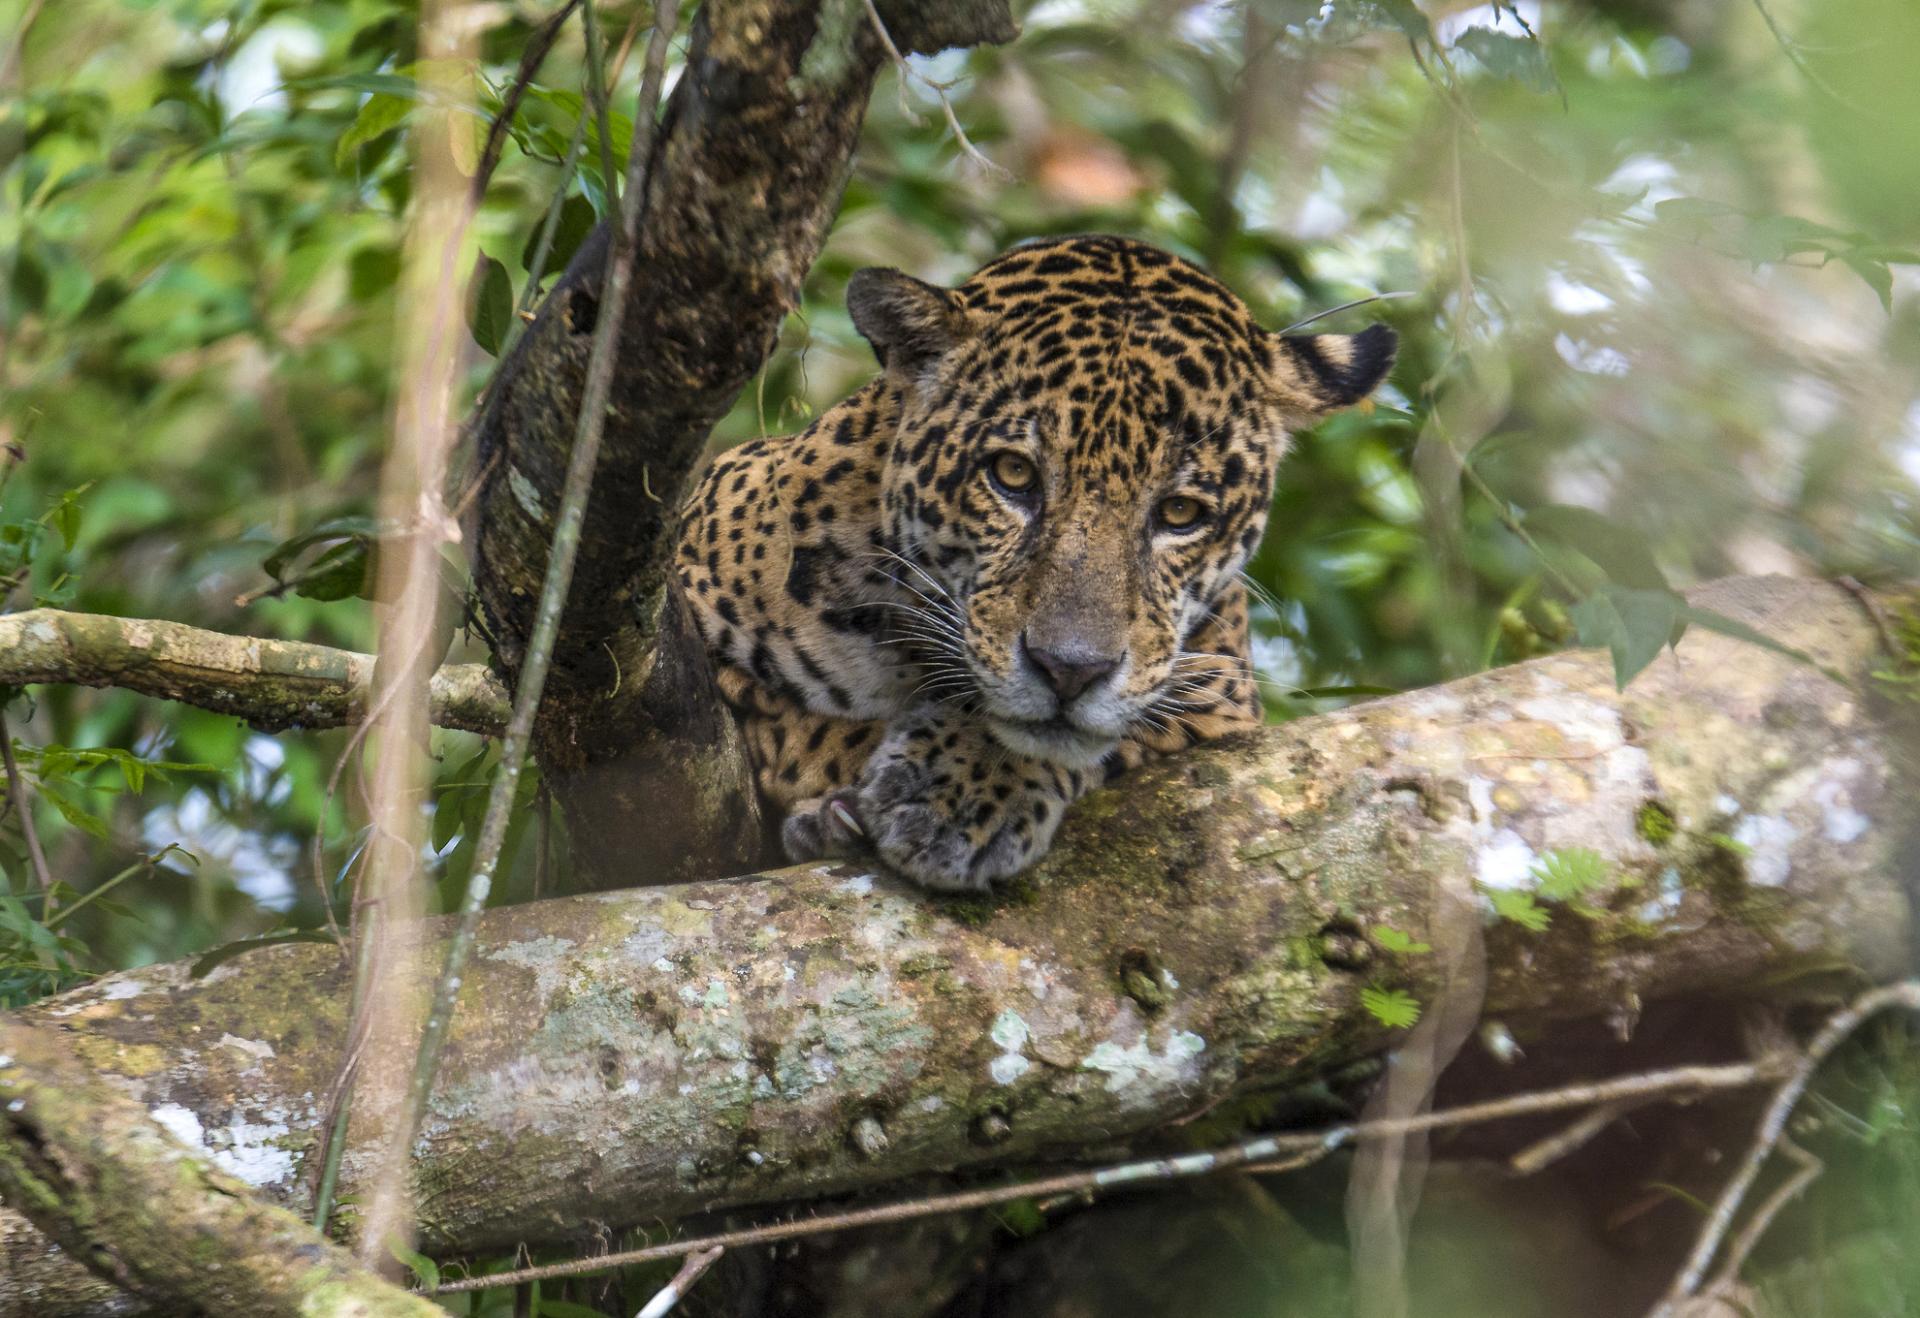 Jaguar in Tefe in Brazil